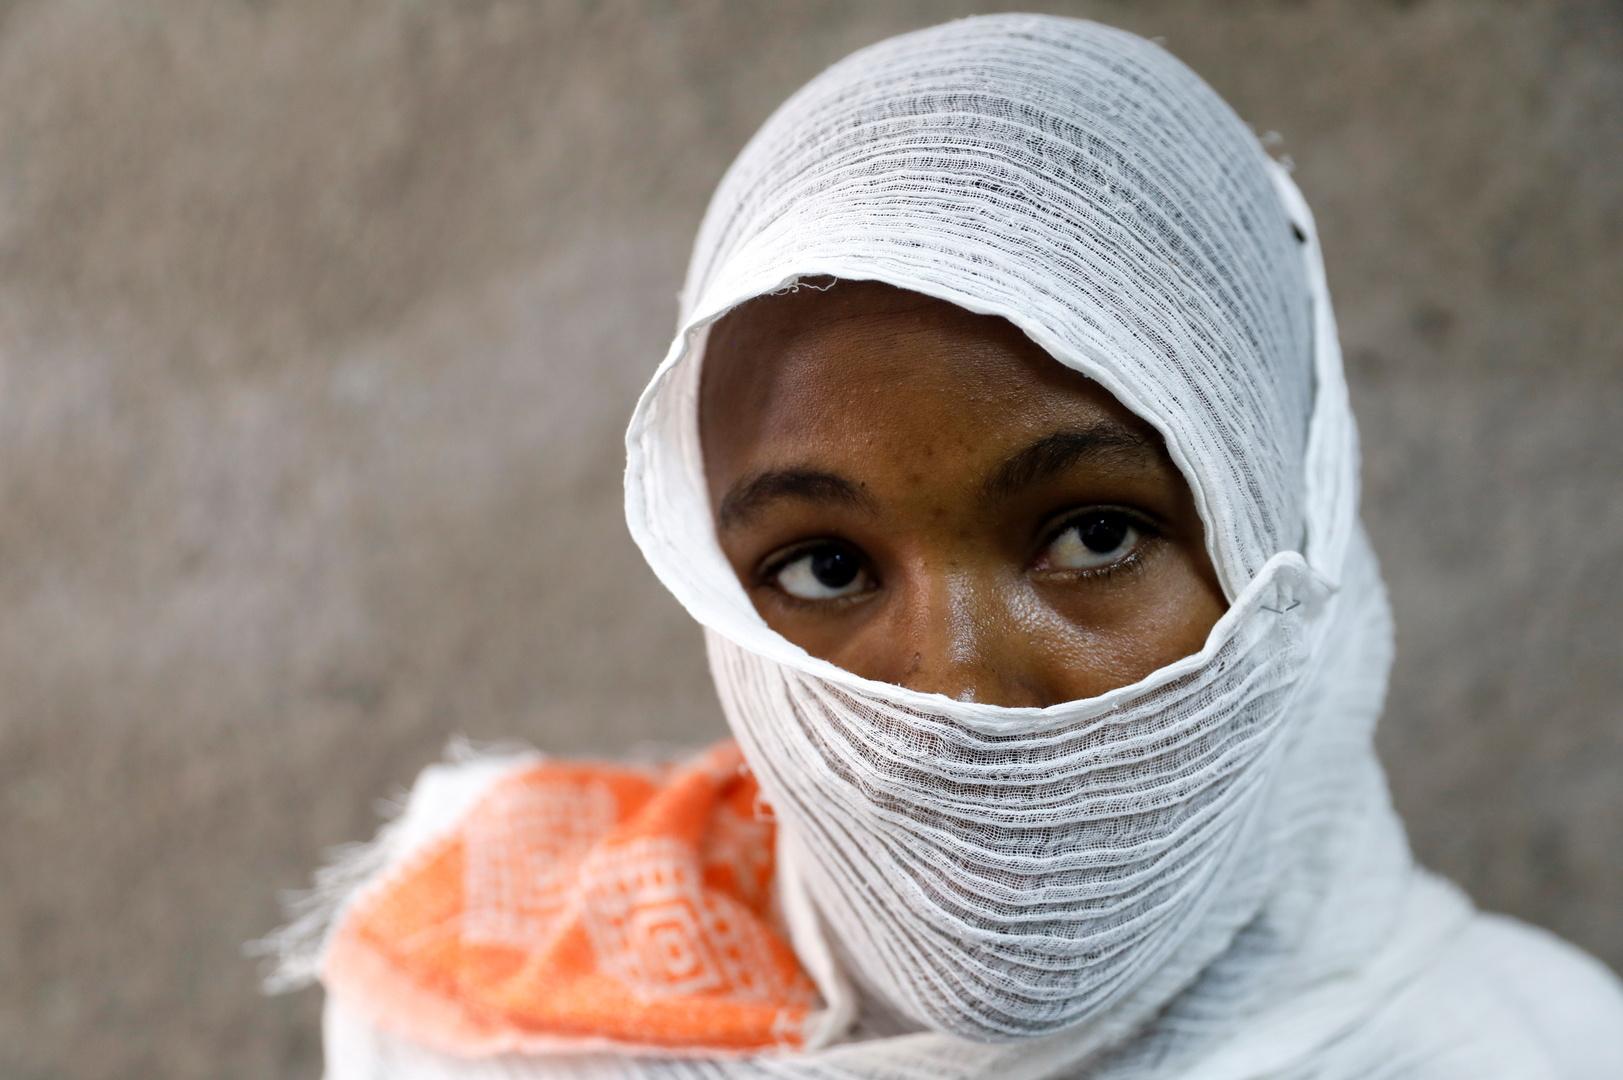 الأمم المتحدة: العنف الجنسي يستخدم كسلاح في إقليم تيغراي الإثيوبي